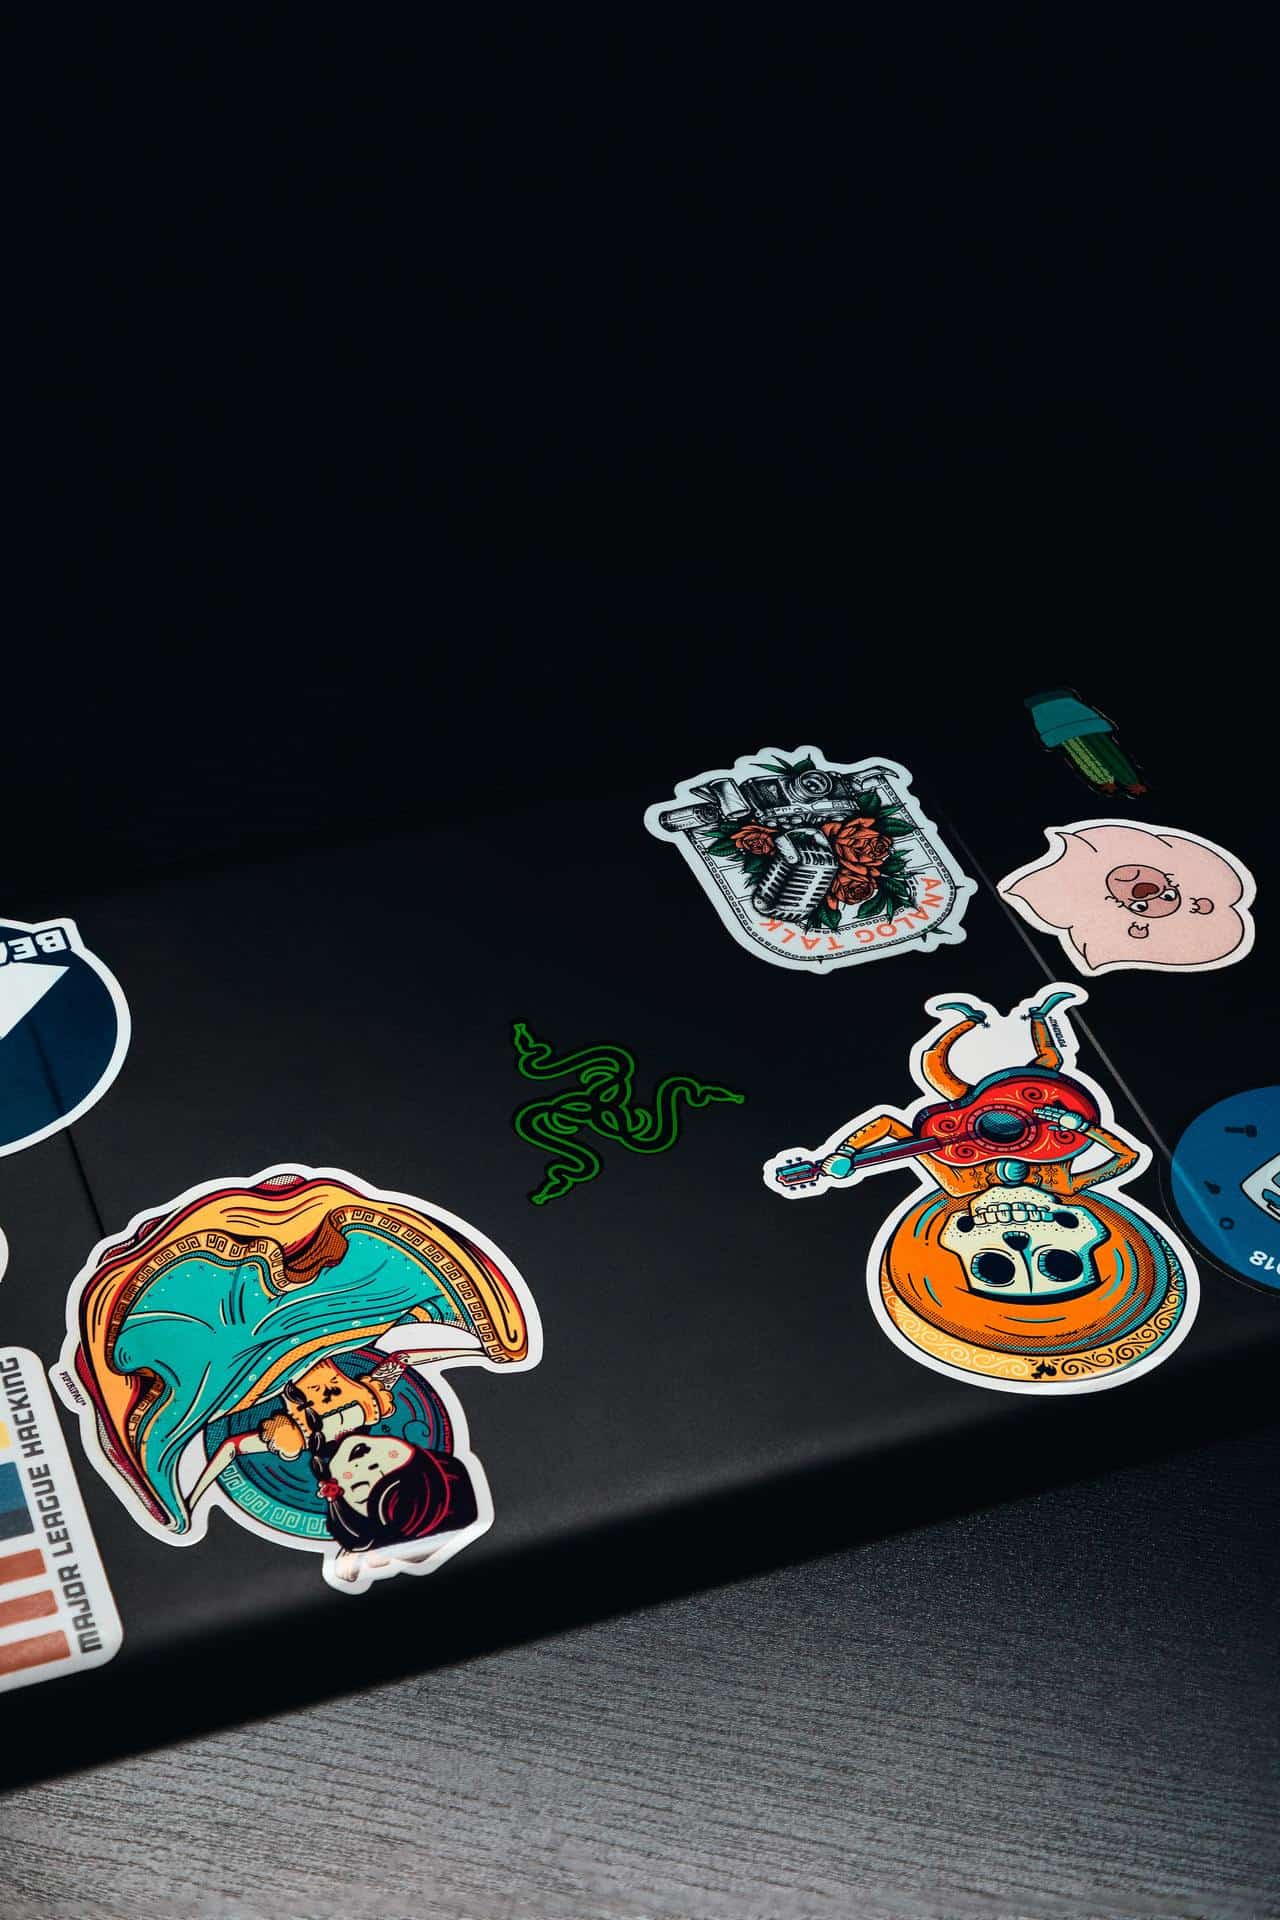 Закрытый ноутбук с наклейками на корпусе.